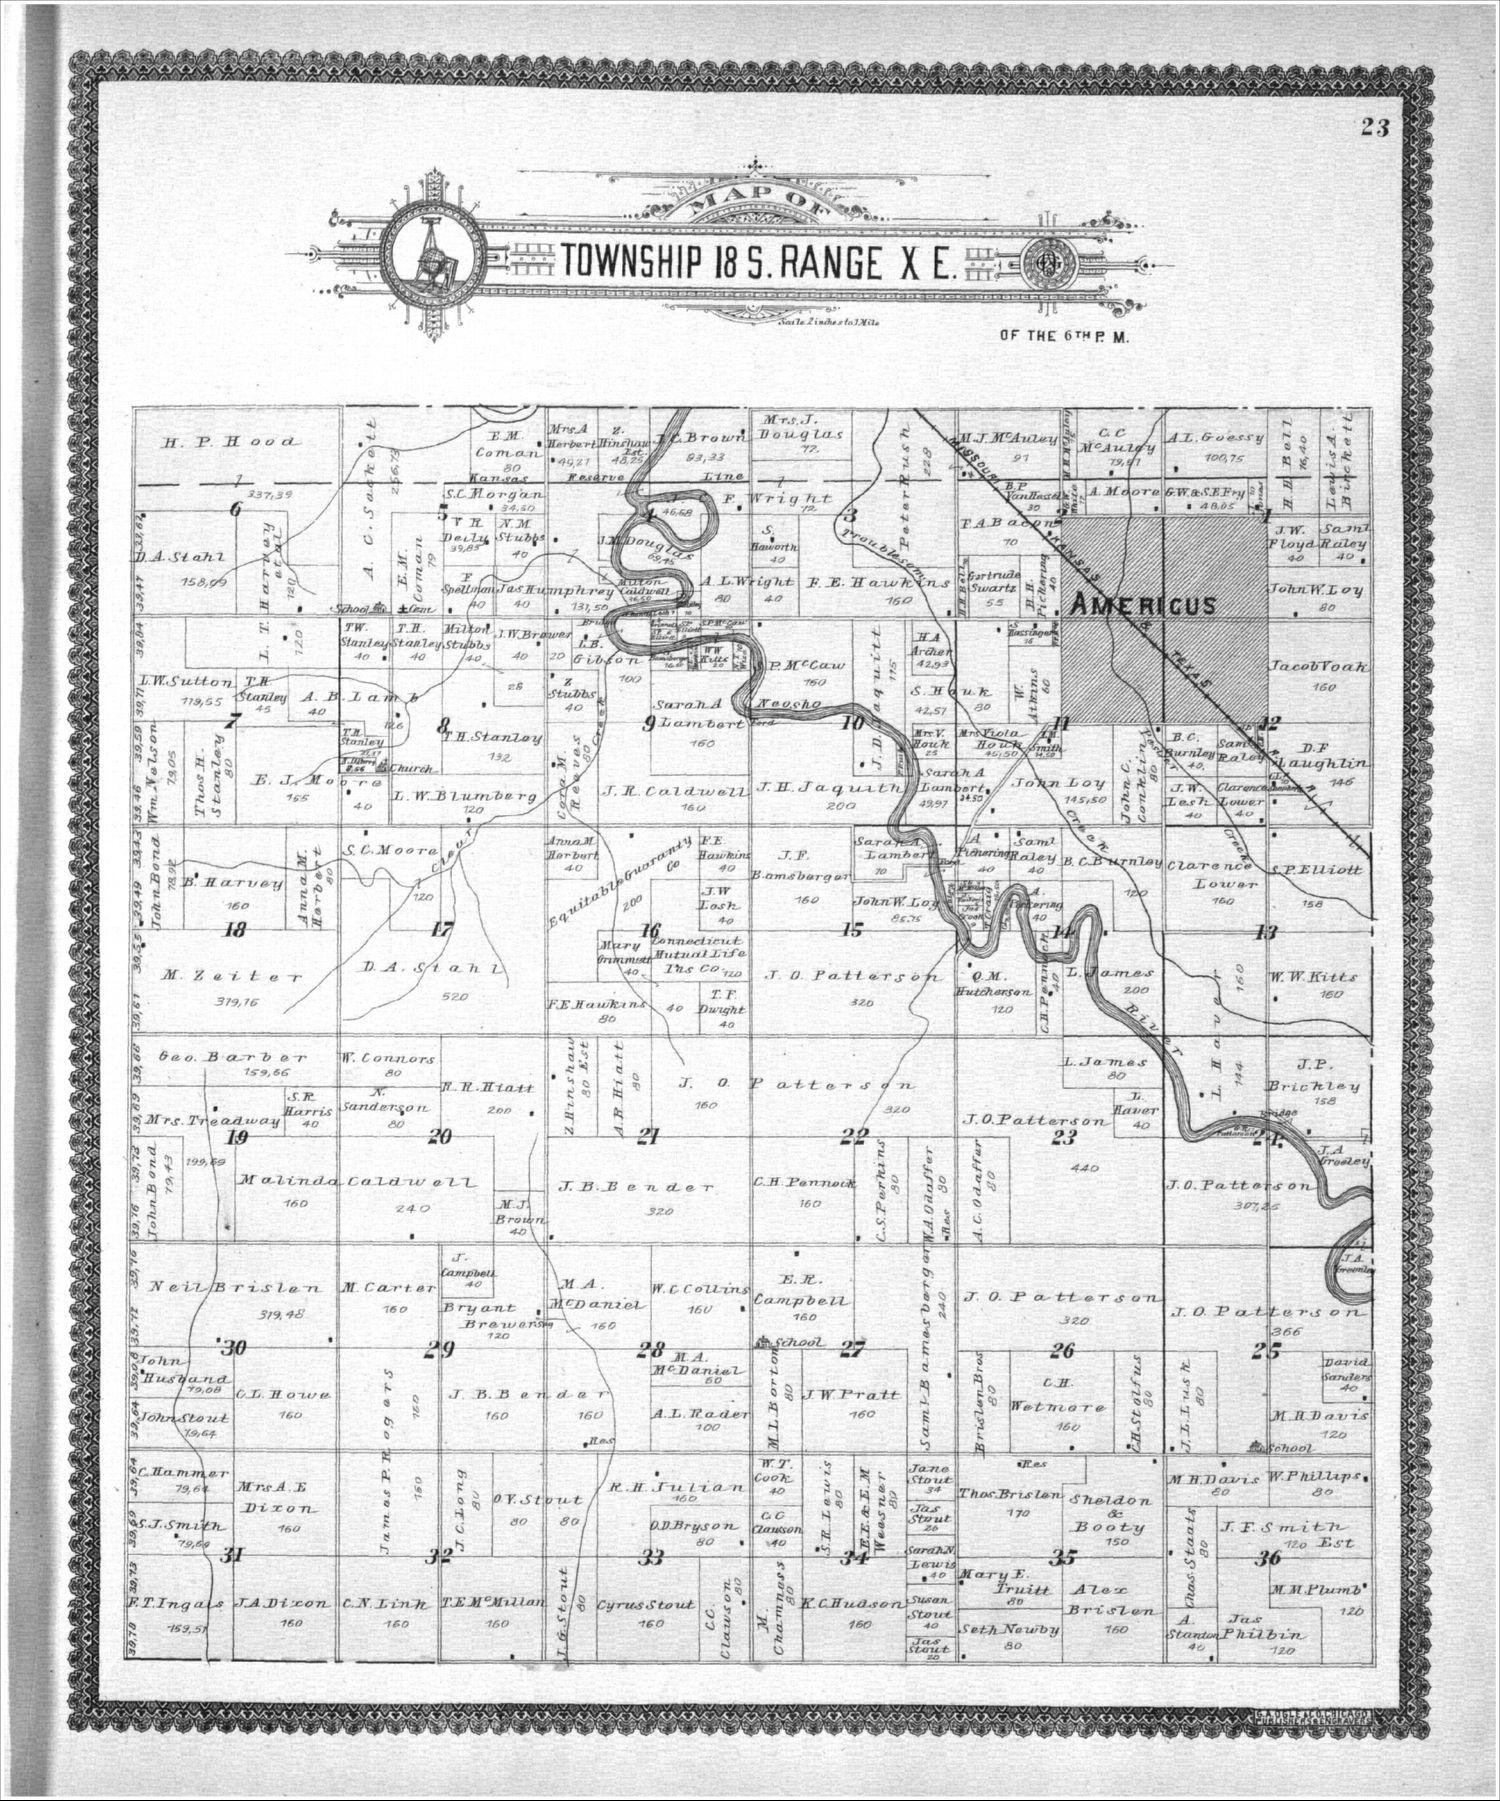 Standard atlas, Lyon County, Kansas - 23